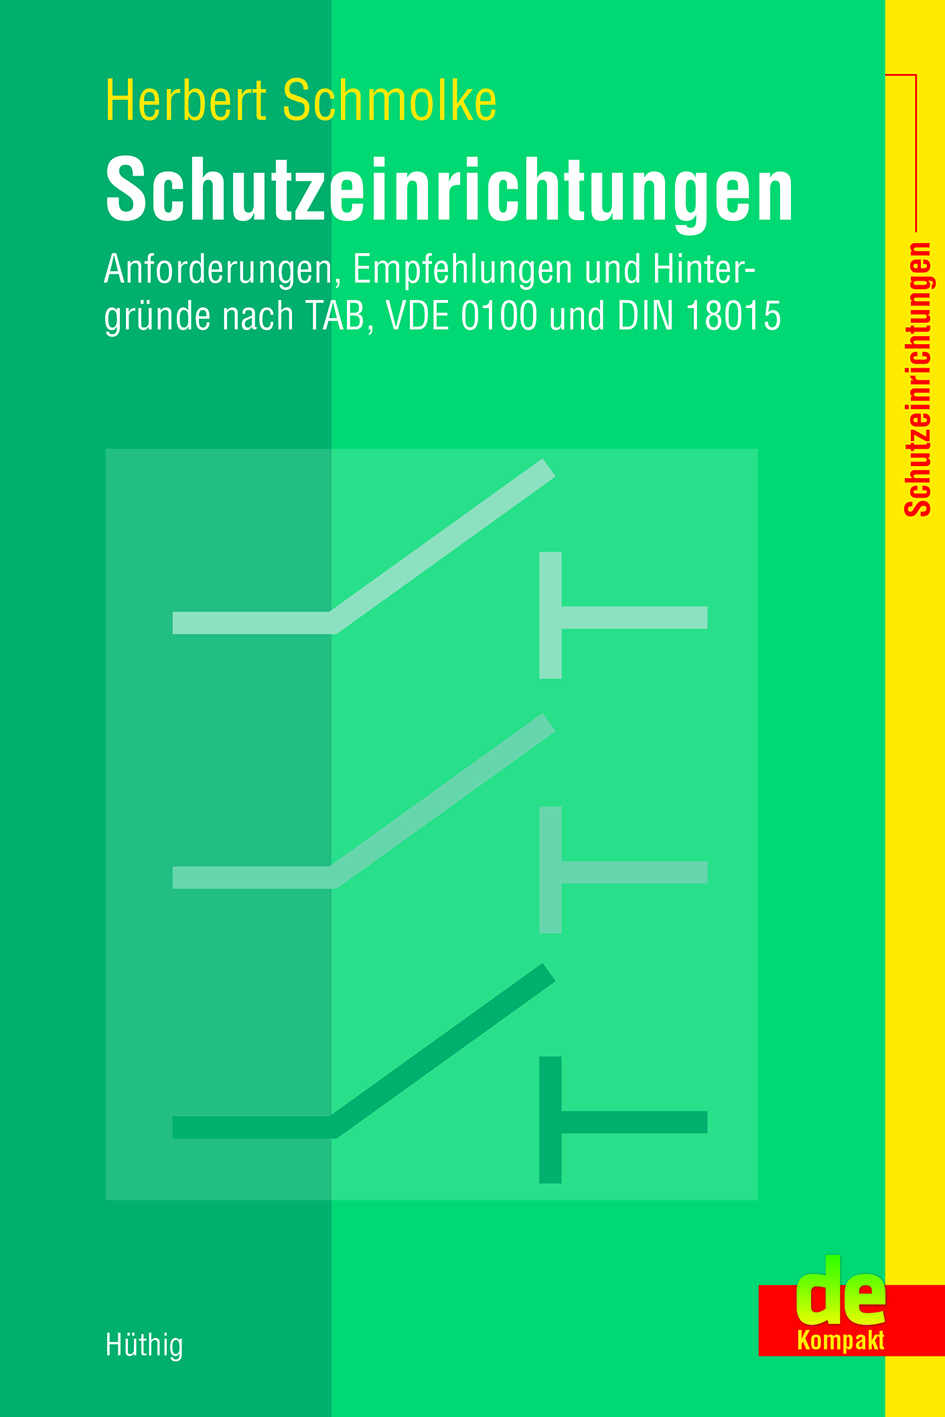 (Bild: Hüthig GmbH)